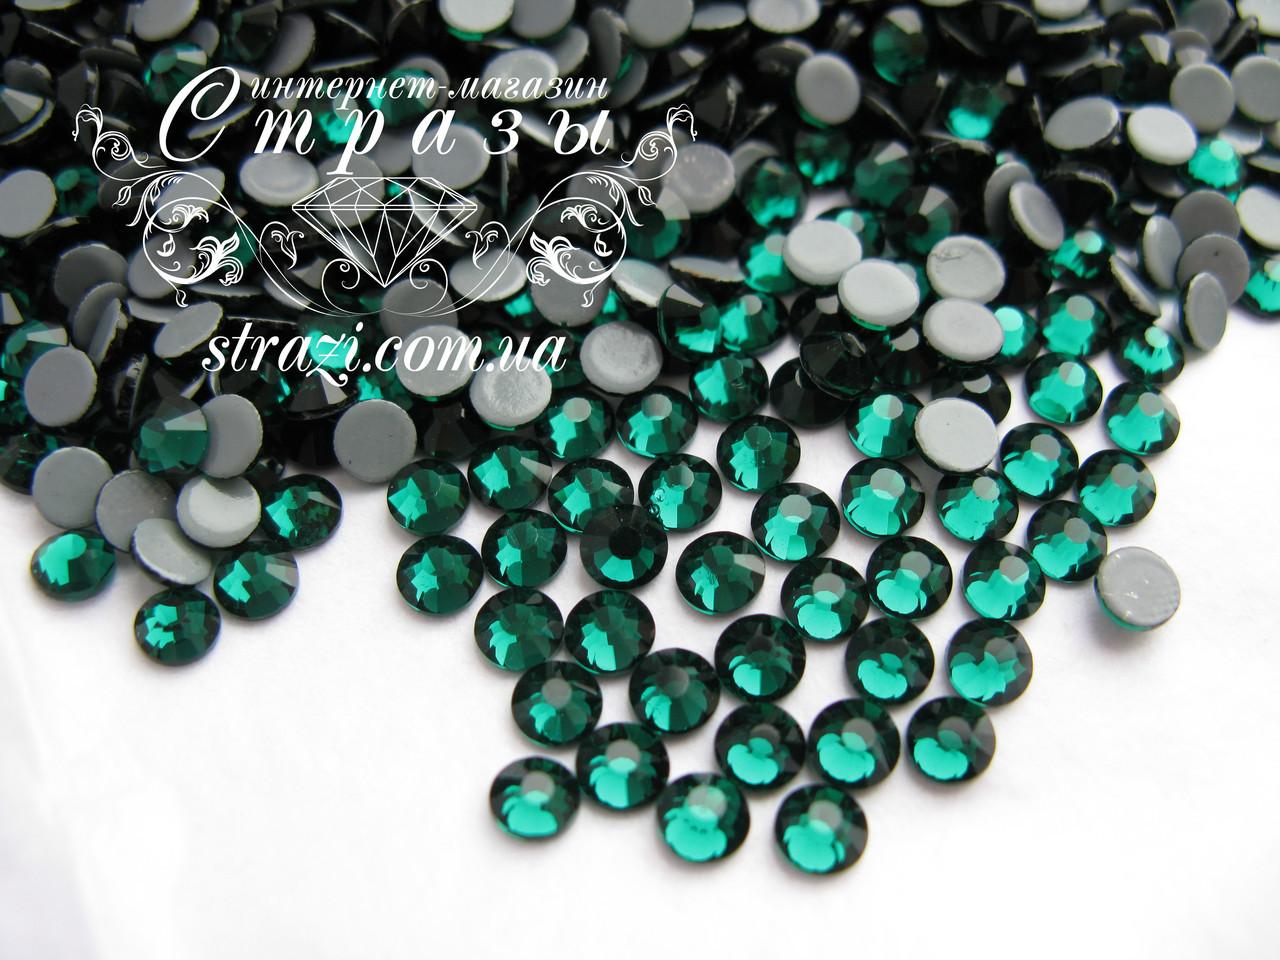 Термо стразы Lux ss16 Emerald (4.0mm) 1440шт